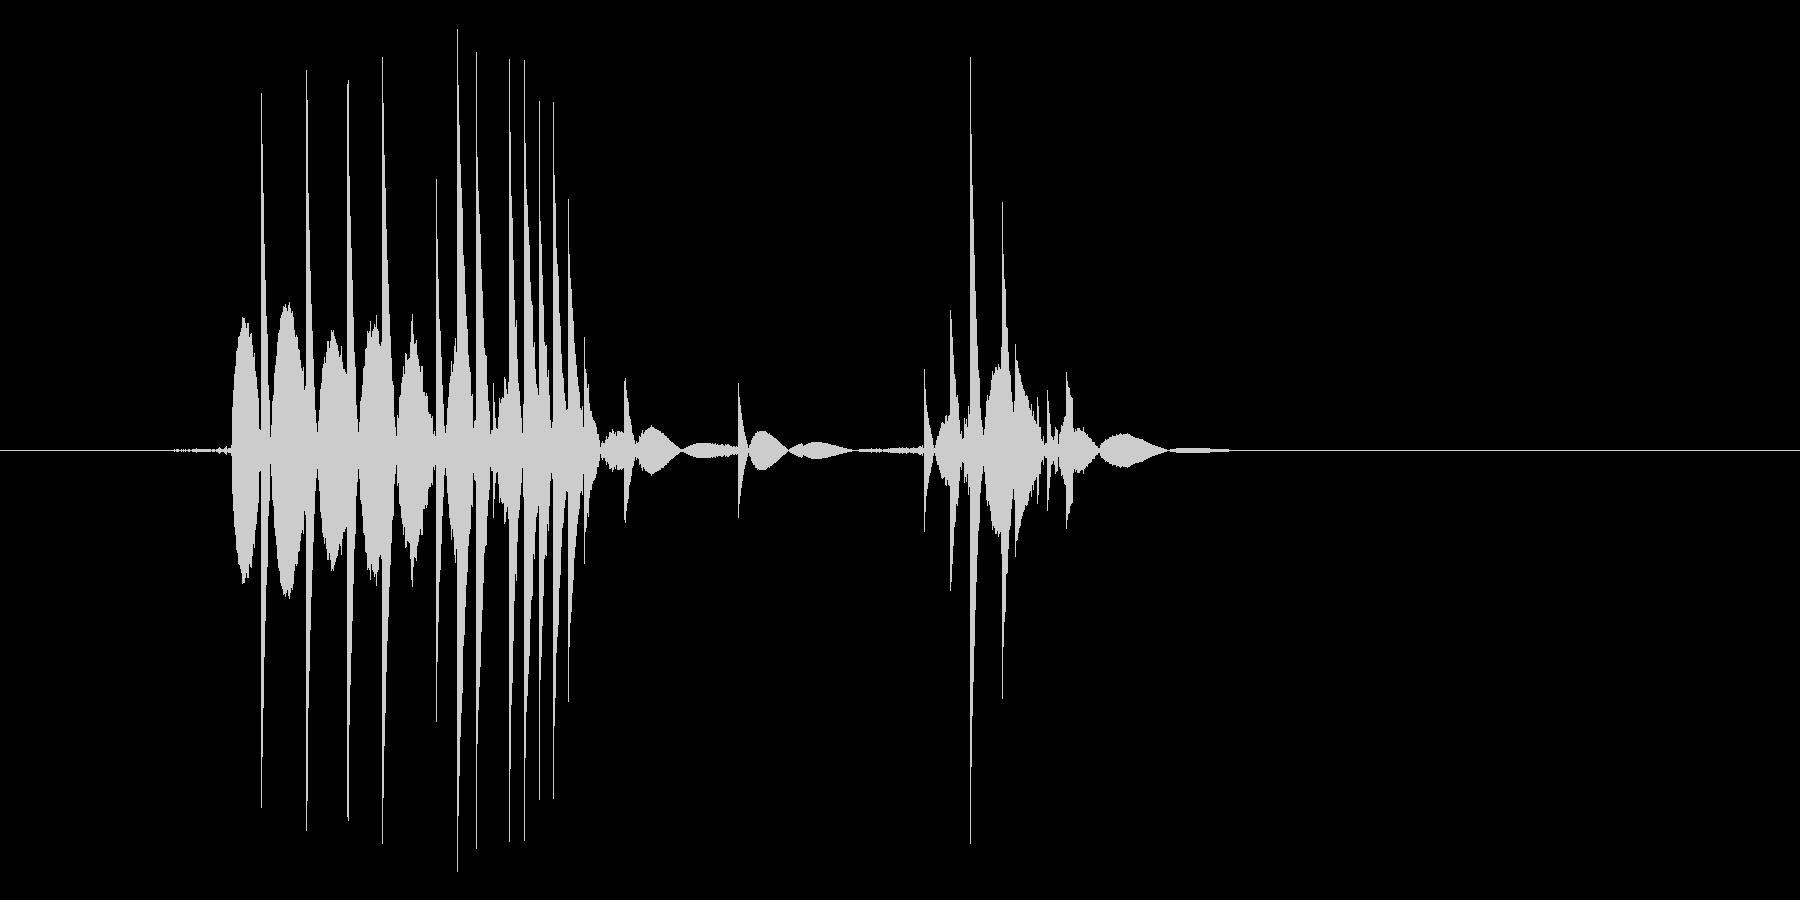 ゲーム(ファミコン風)爆発音_016の未再生の波形